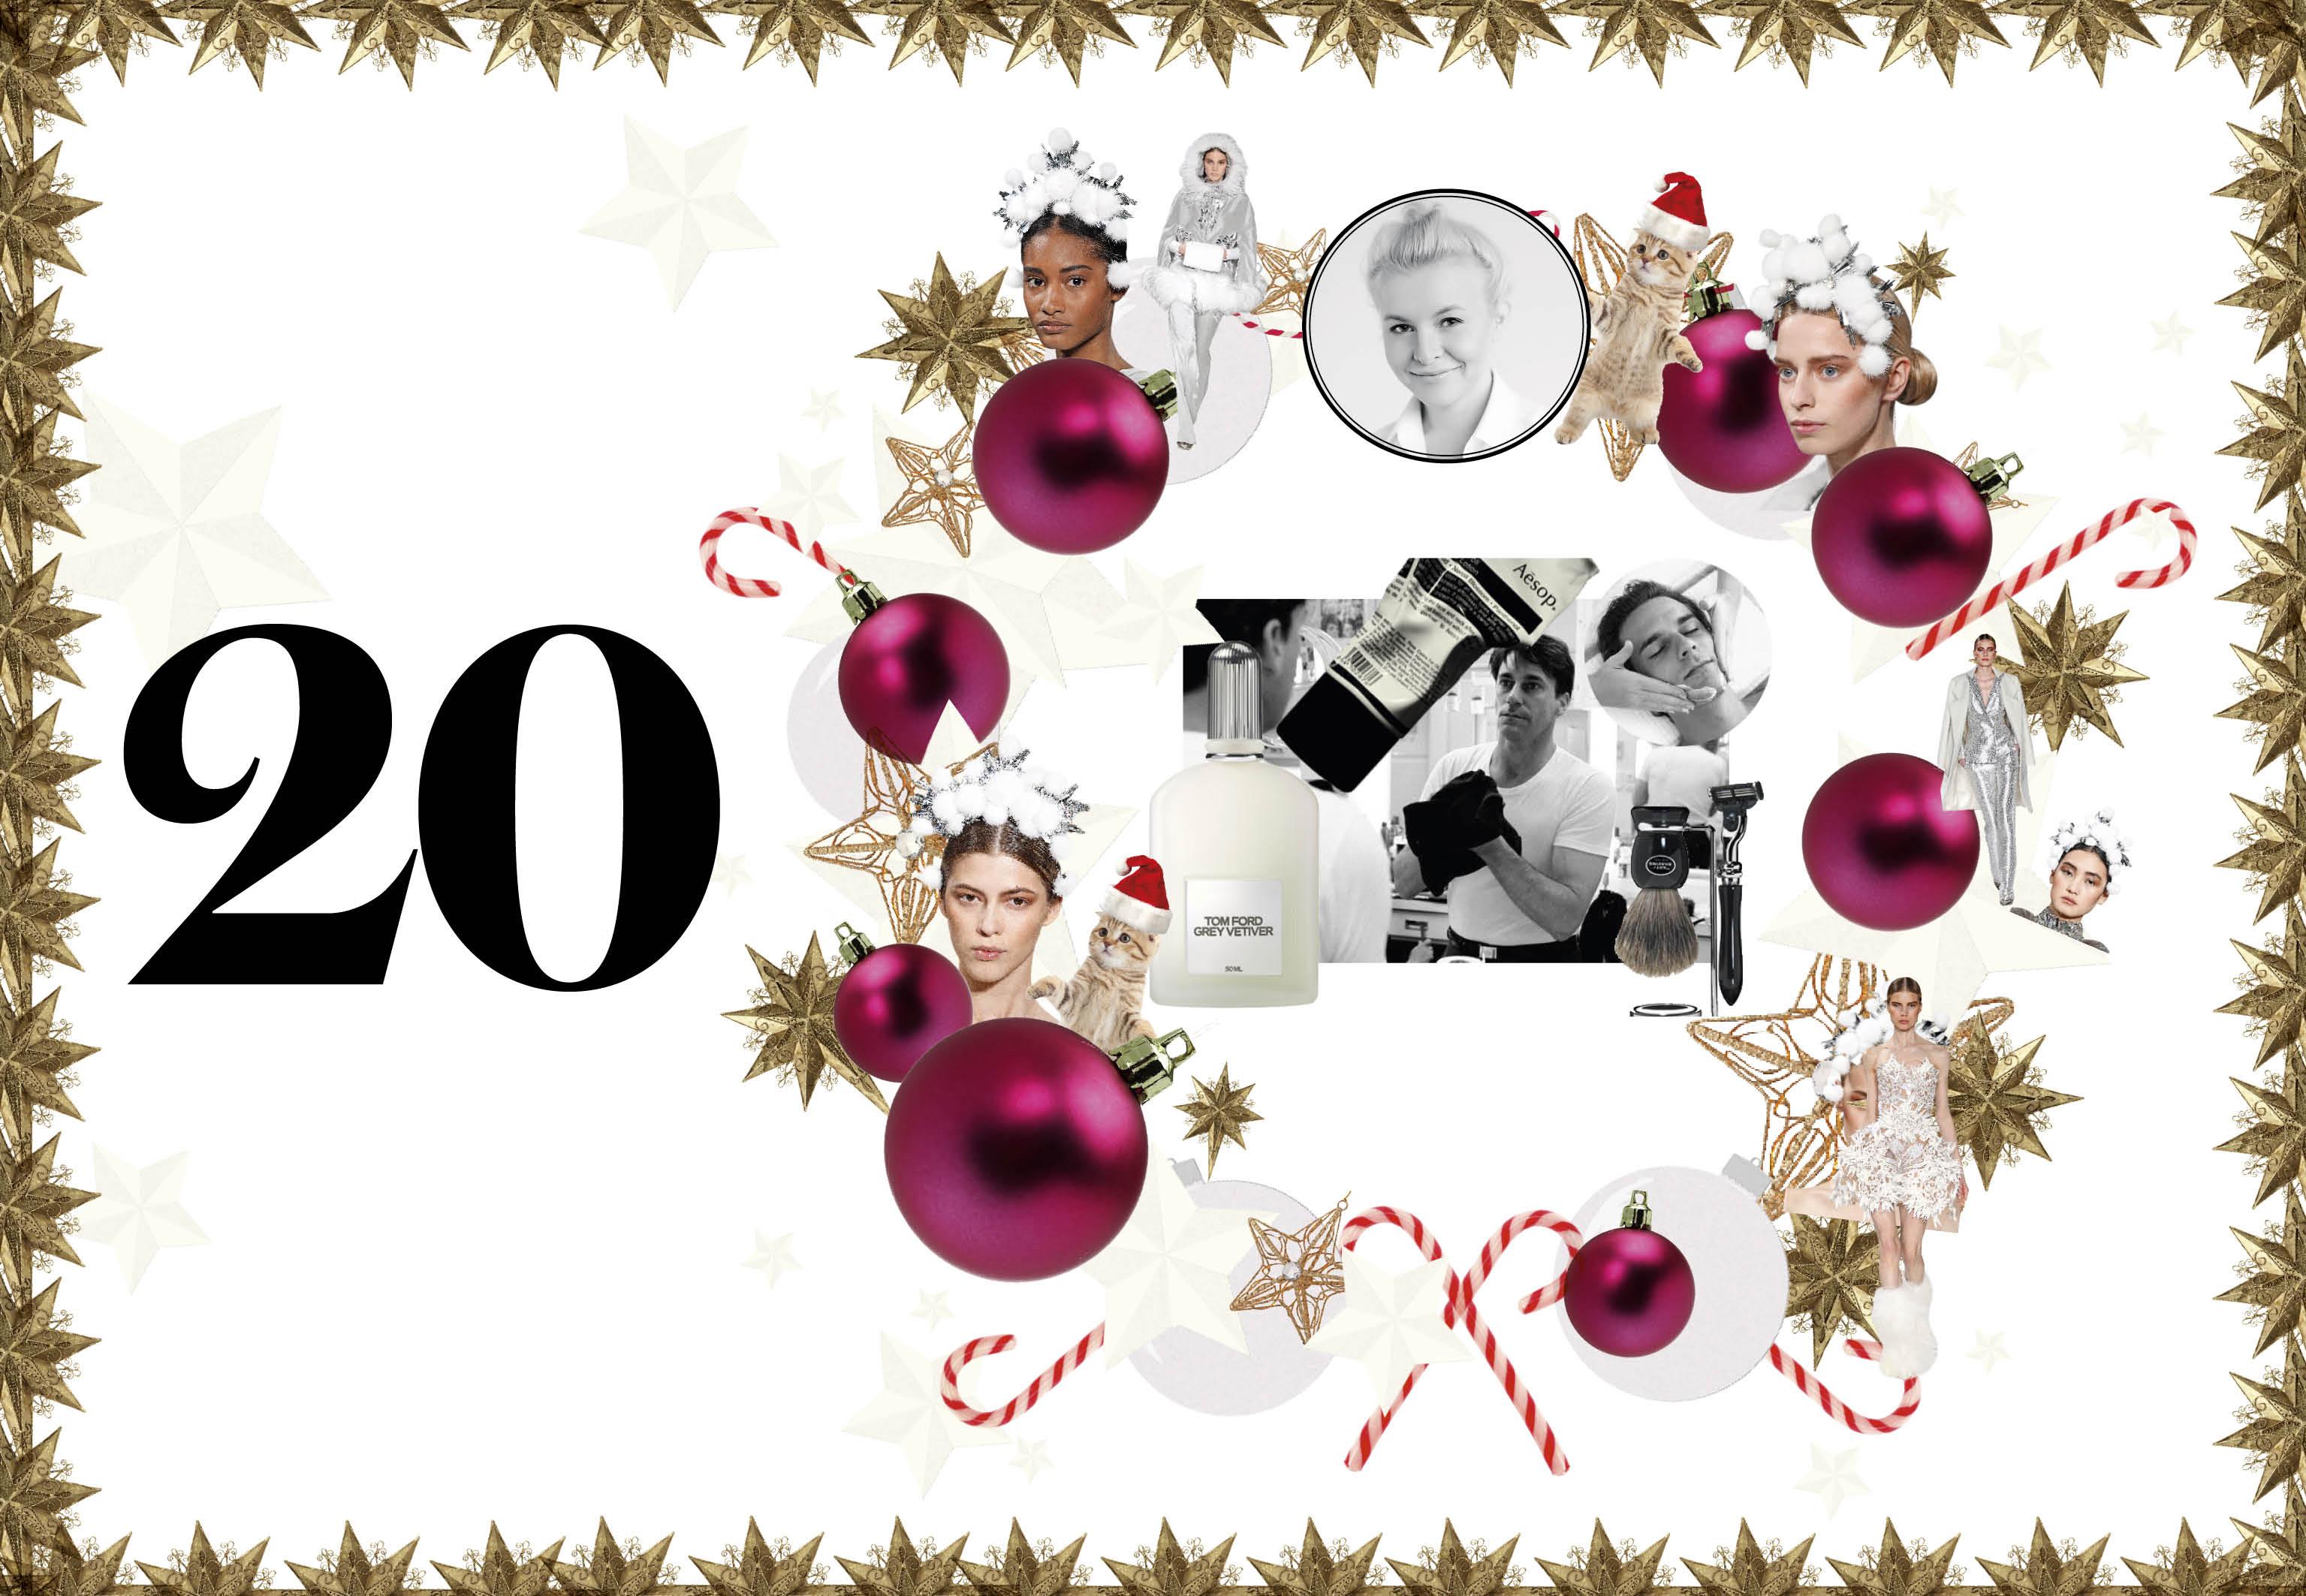 20_joulukalenteri_luukkut_loput13.jpg